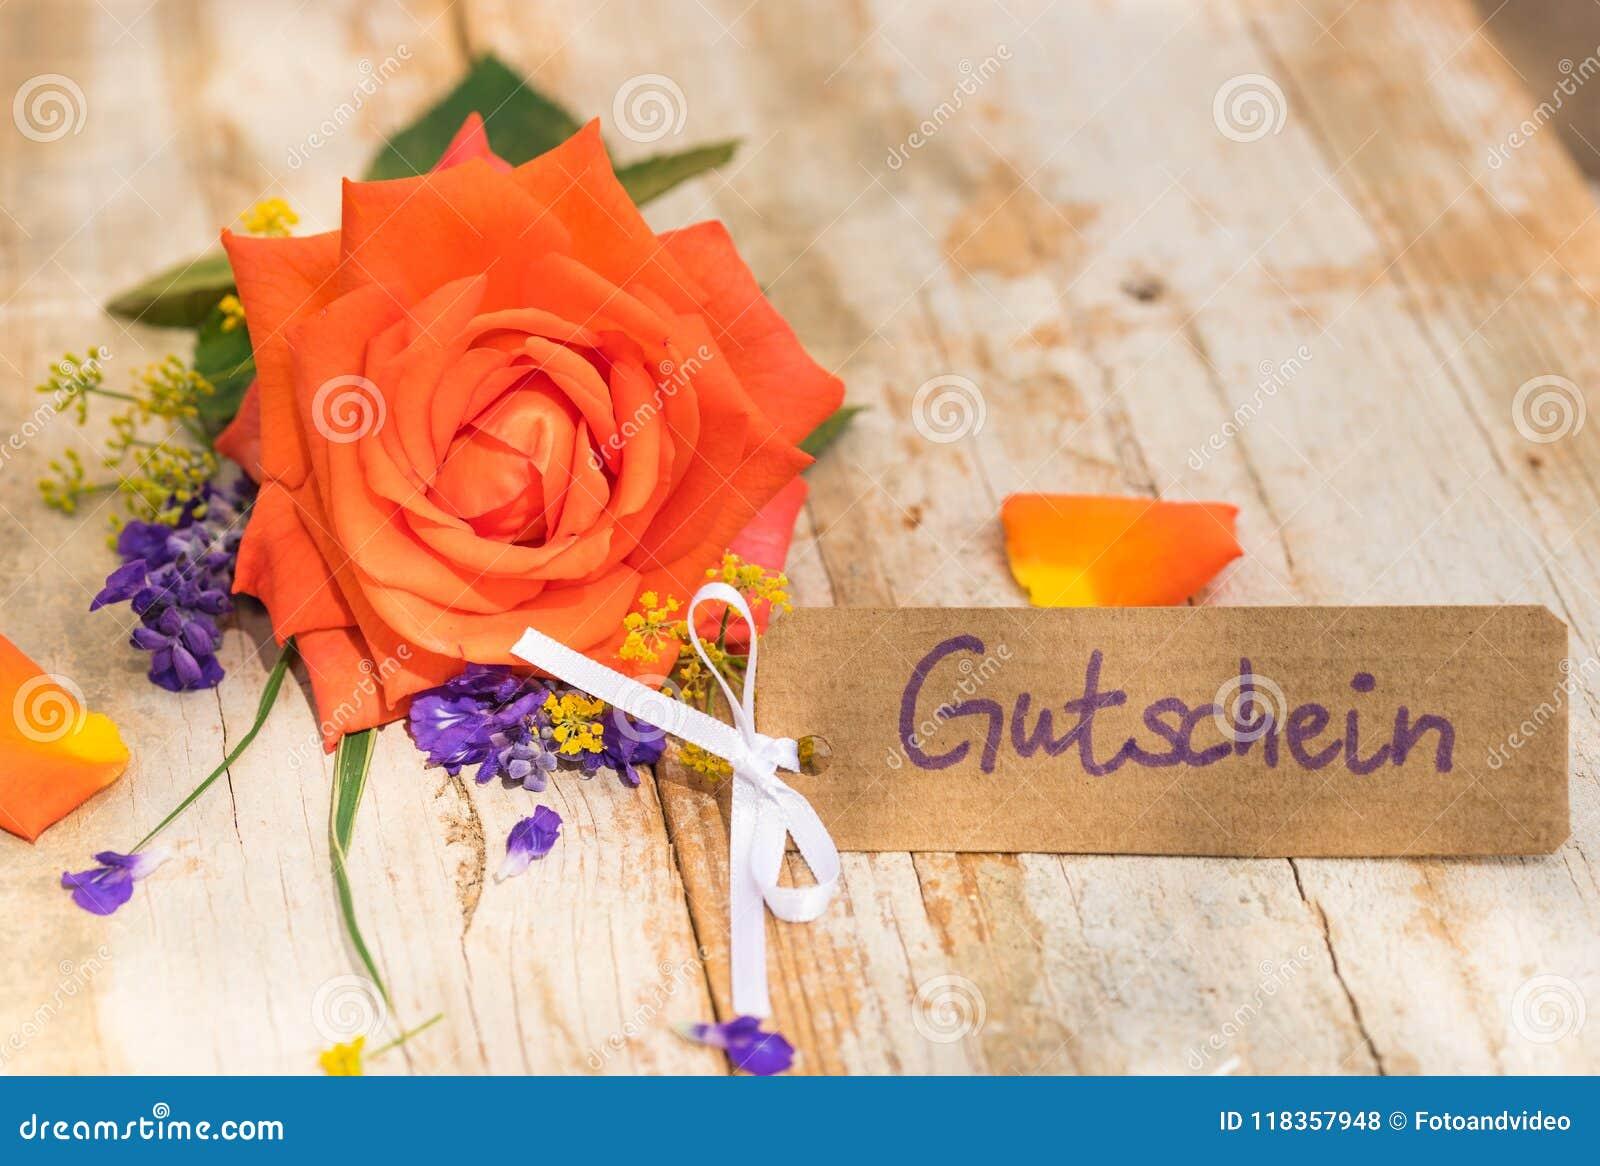 Het etiket met Duitse woord, Gutschein, middelenbon of coupon en nam voor Valentijnskaartendag of Moedersdag toe